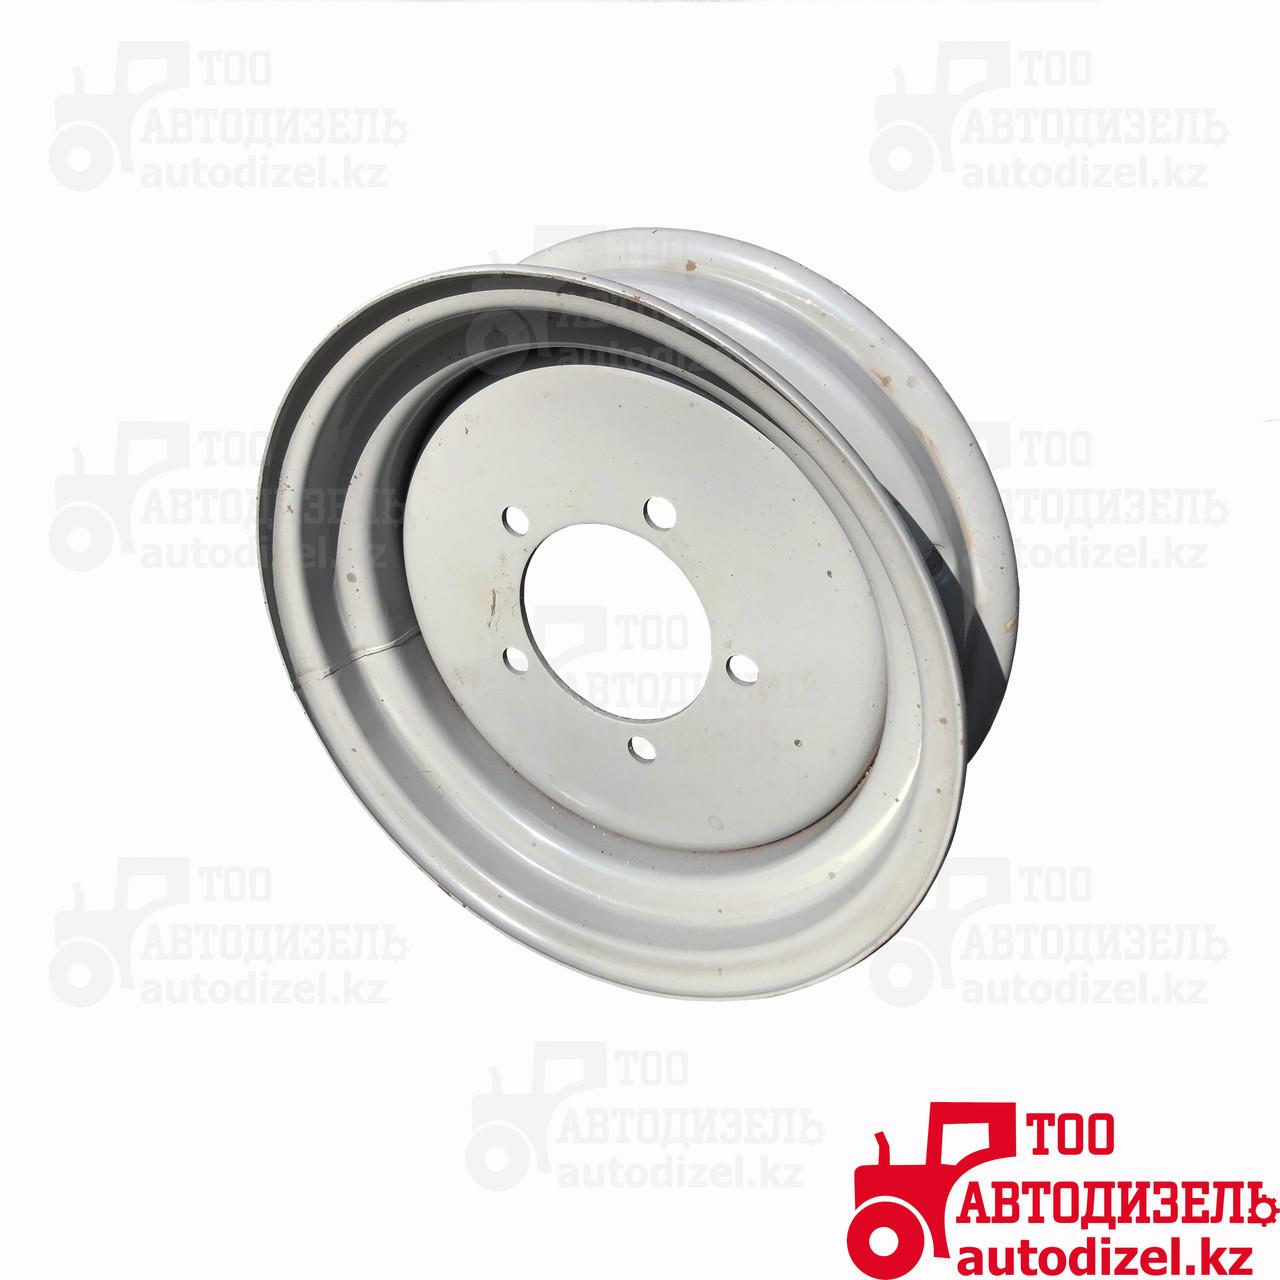 Диск колеса (обод) W 4,5х 16 600- 3101020 -02 СЗС-2,1